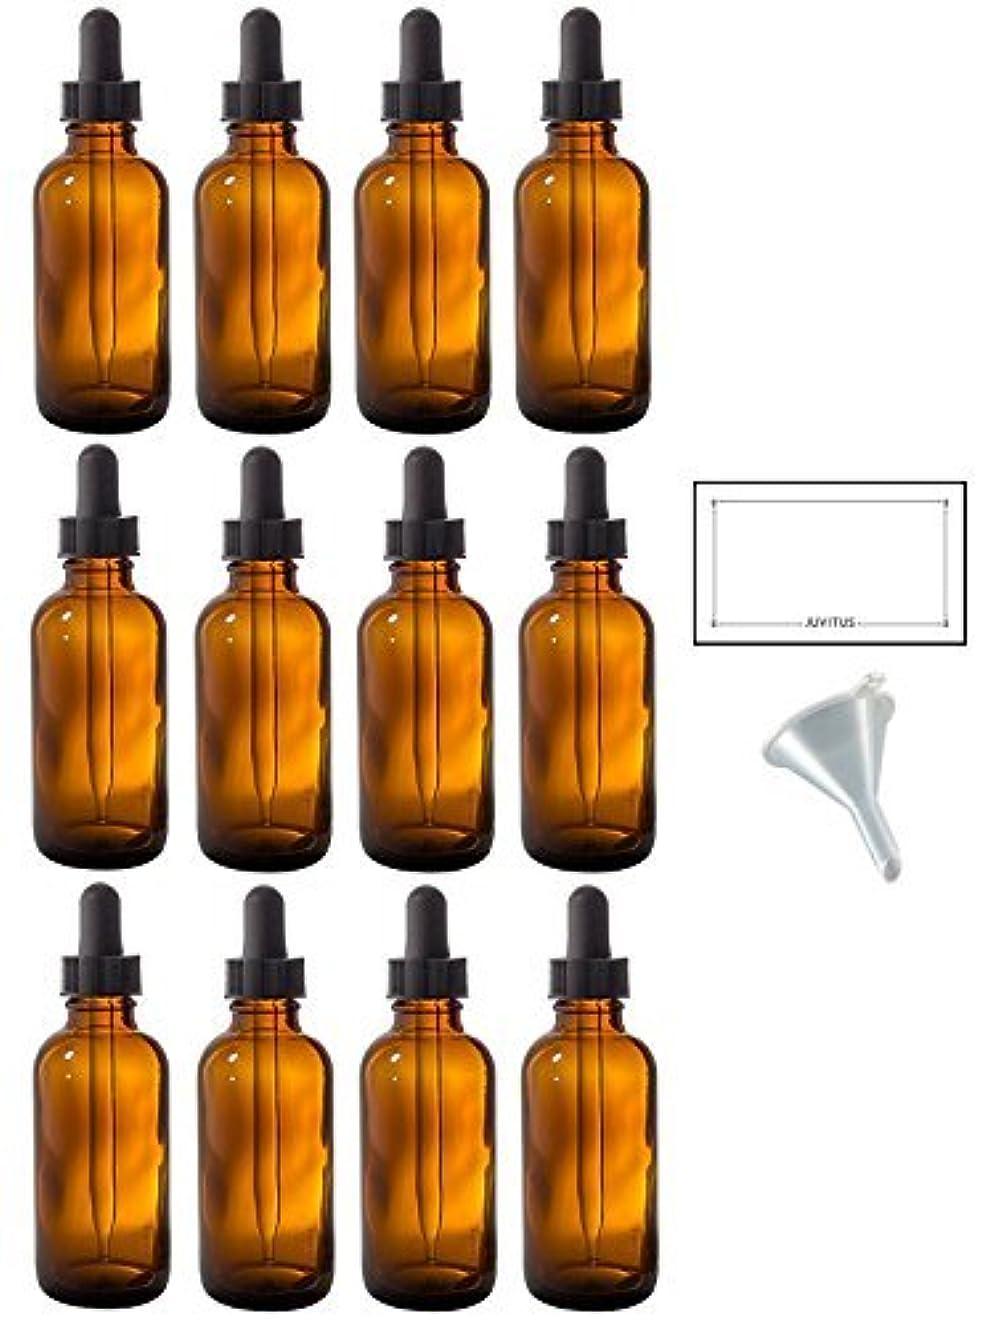 ダイヤル体操選手セマフォ2 oz Amber Glass Boston Round Dropper Bottle (12 pack) + Funnel and Labels for essential oils, aromatherapy, e-liquid...